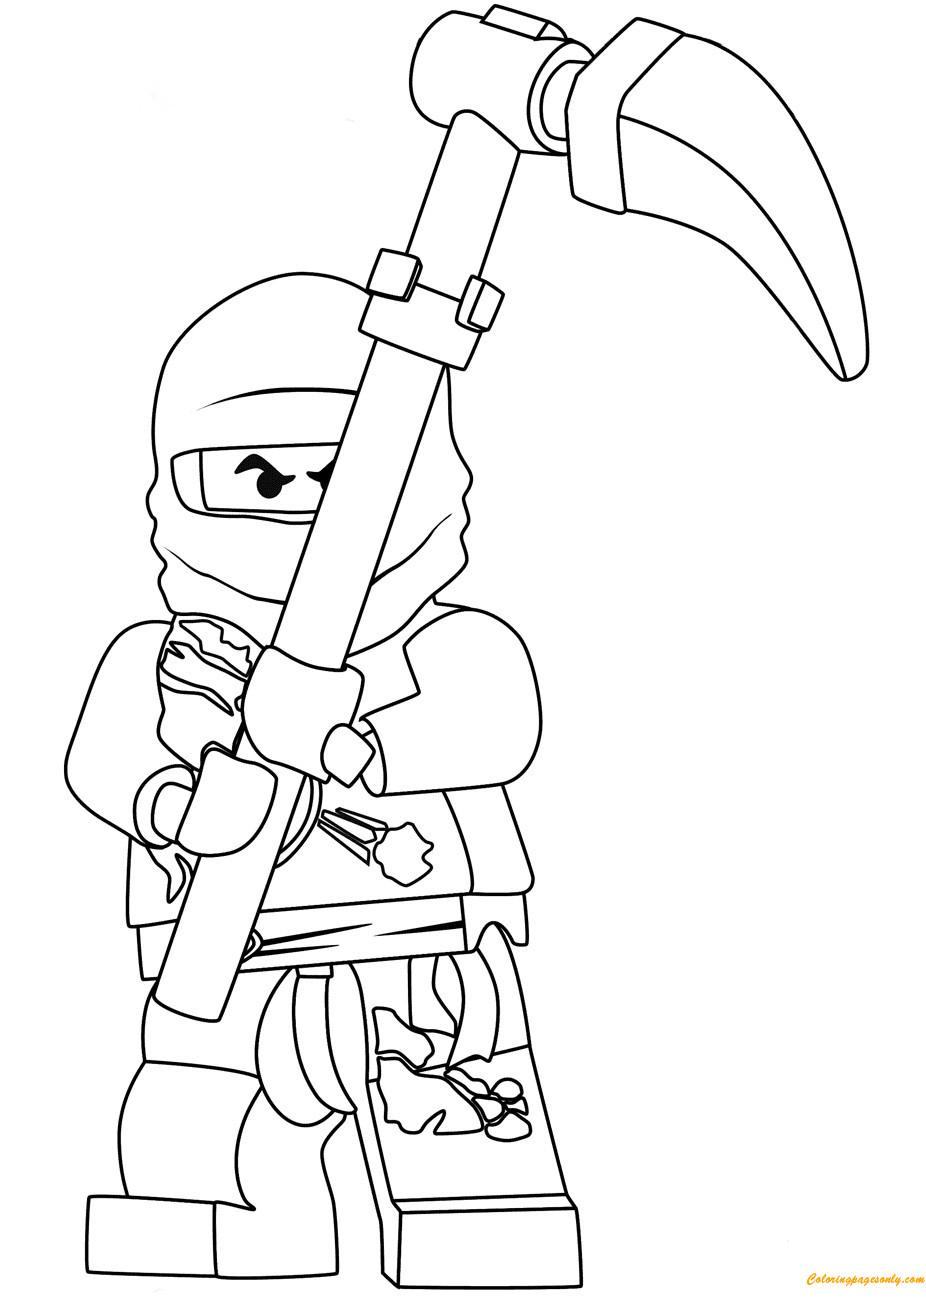 die besten ideen für ninjago ausmalbilder cole - beste